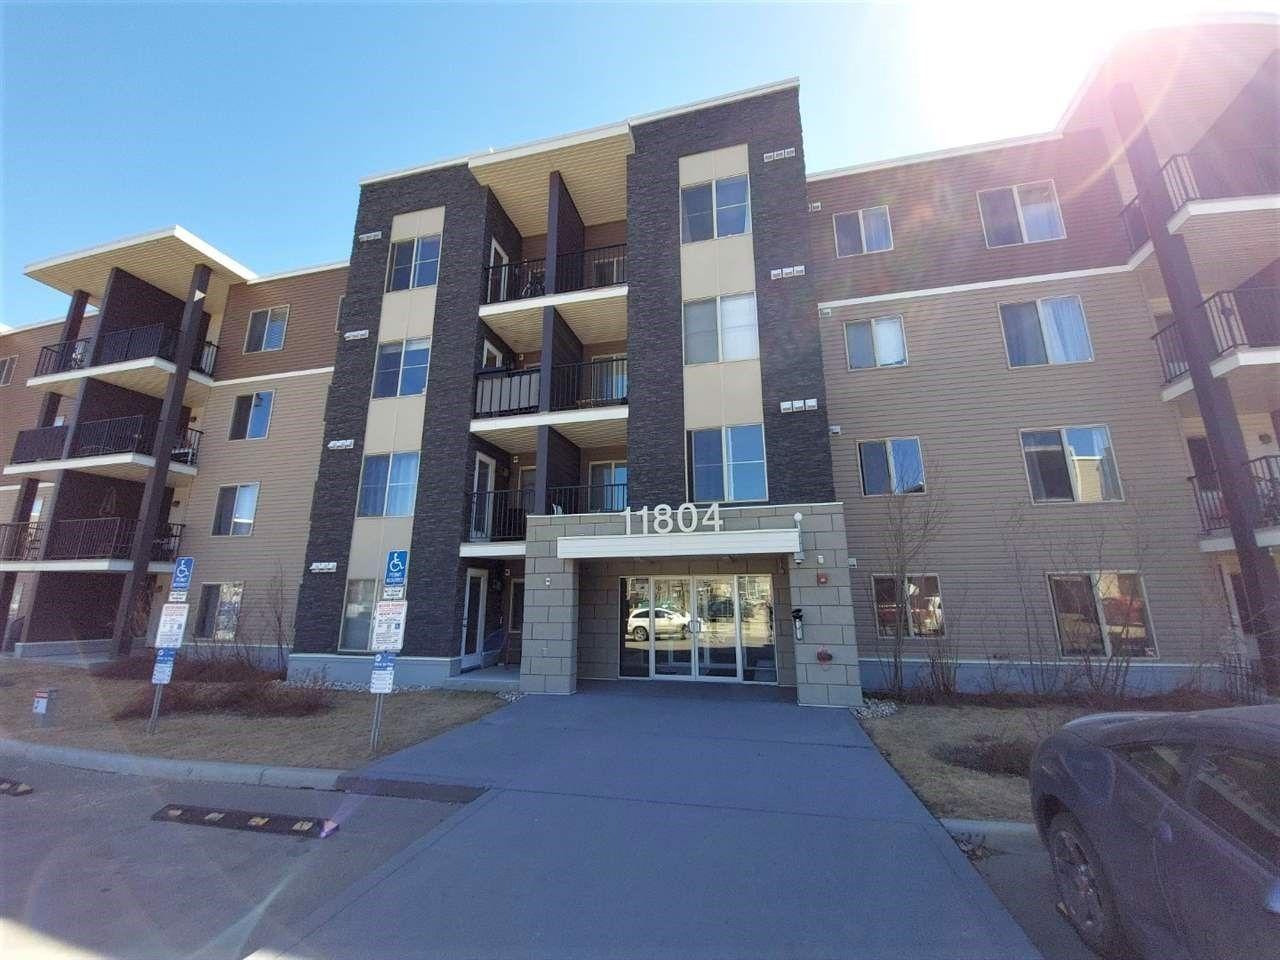 Main Photo: 303 11804 22 Avenue in Edmonton: Zone 55 Condo for sale : MLS®# E4239546